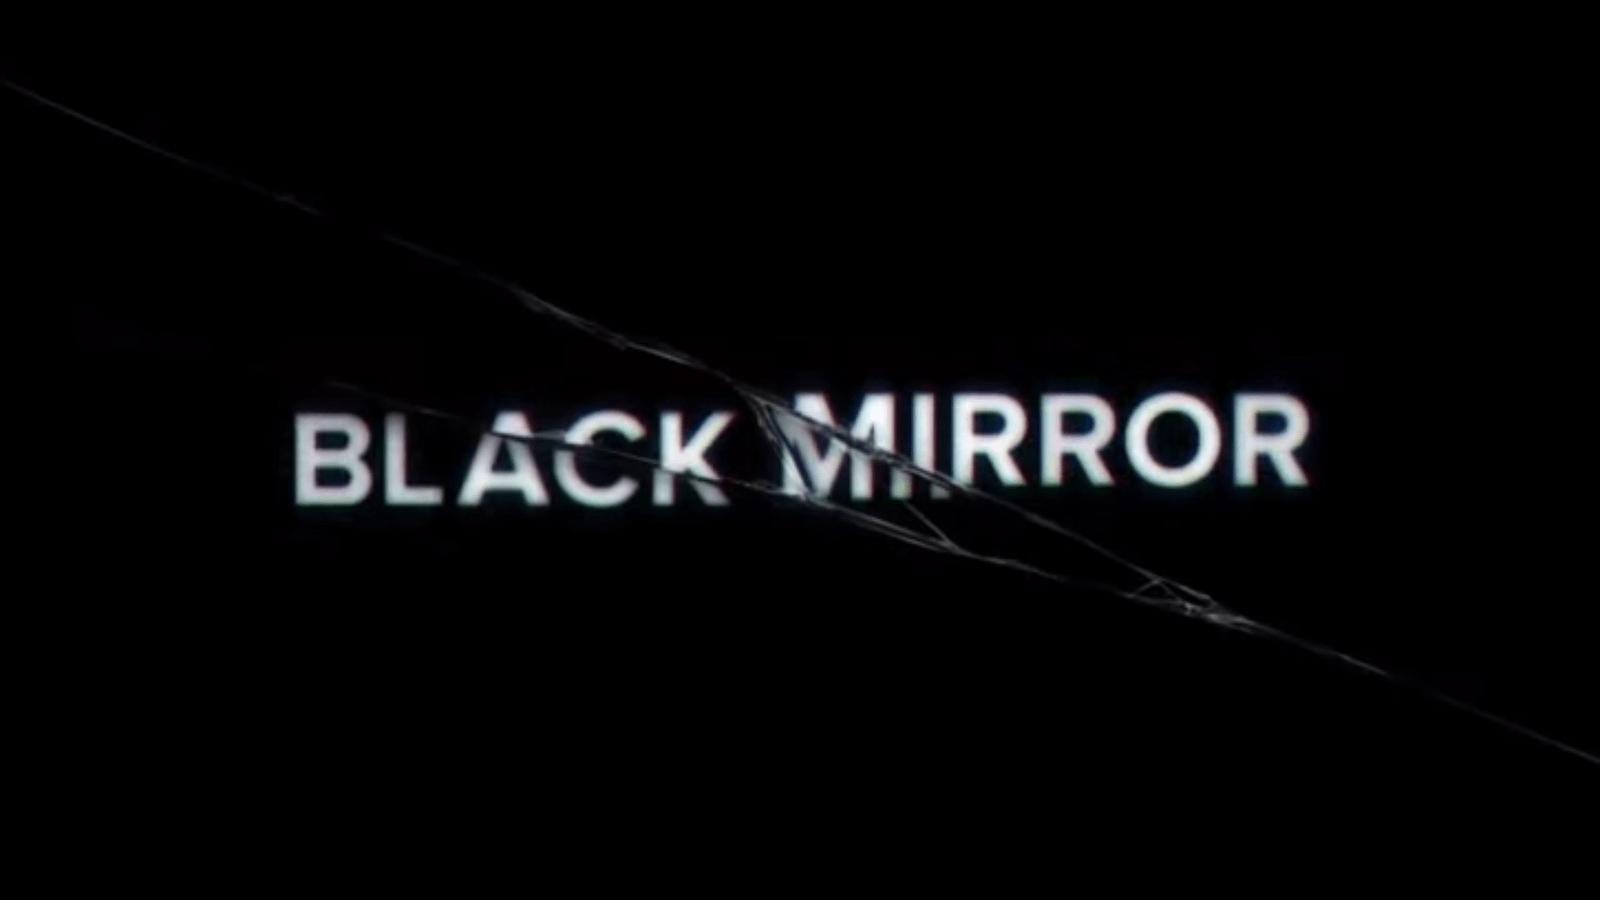 Black Mirror: il futuro della tecnologia è inquietante secondo la serie Netflix